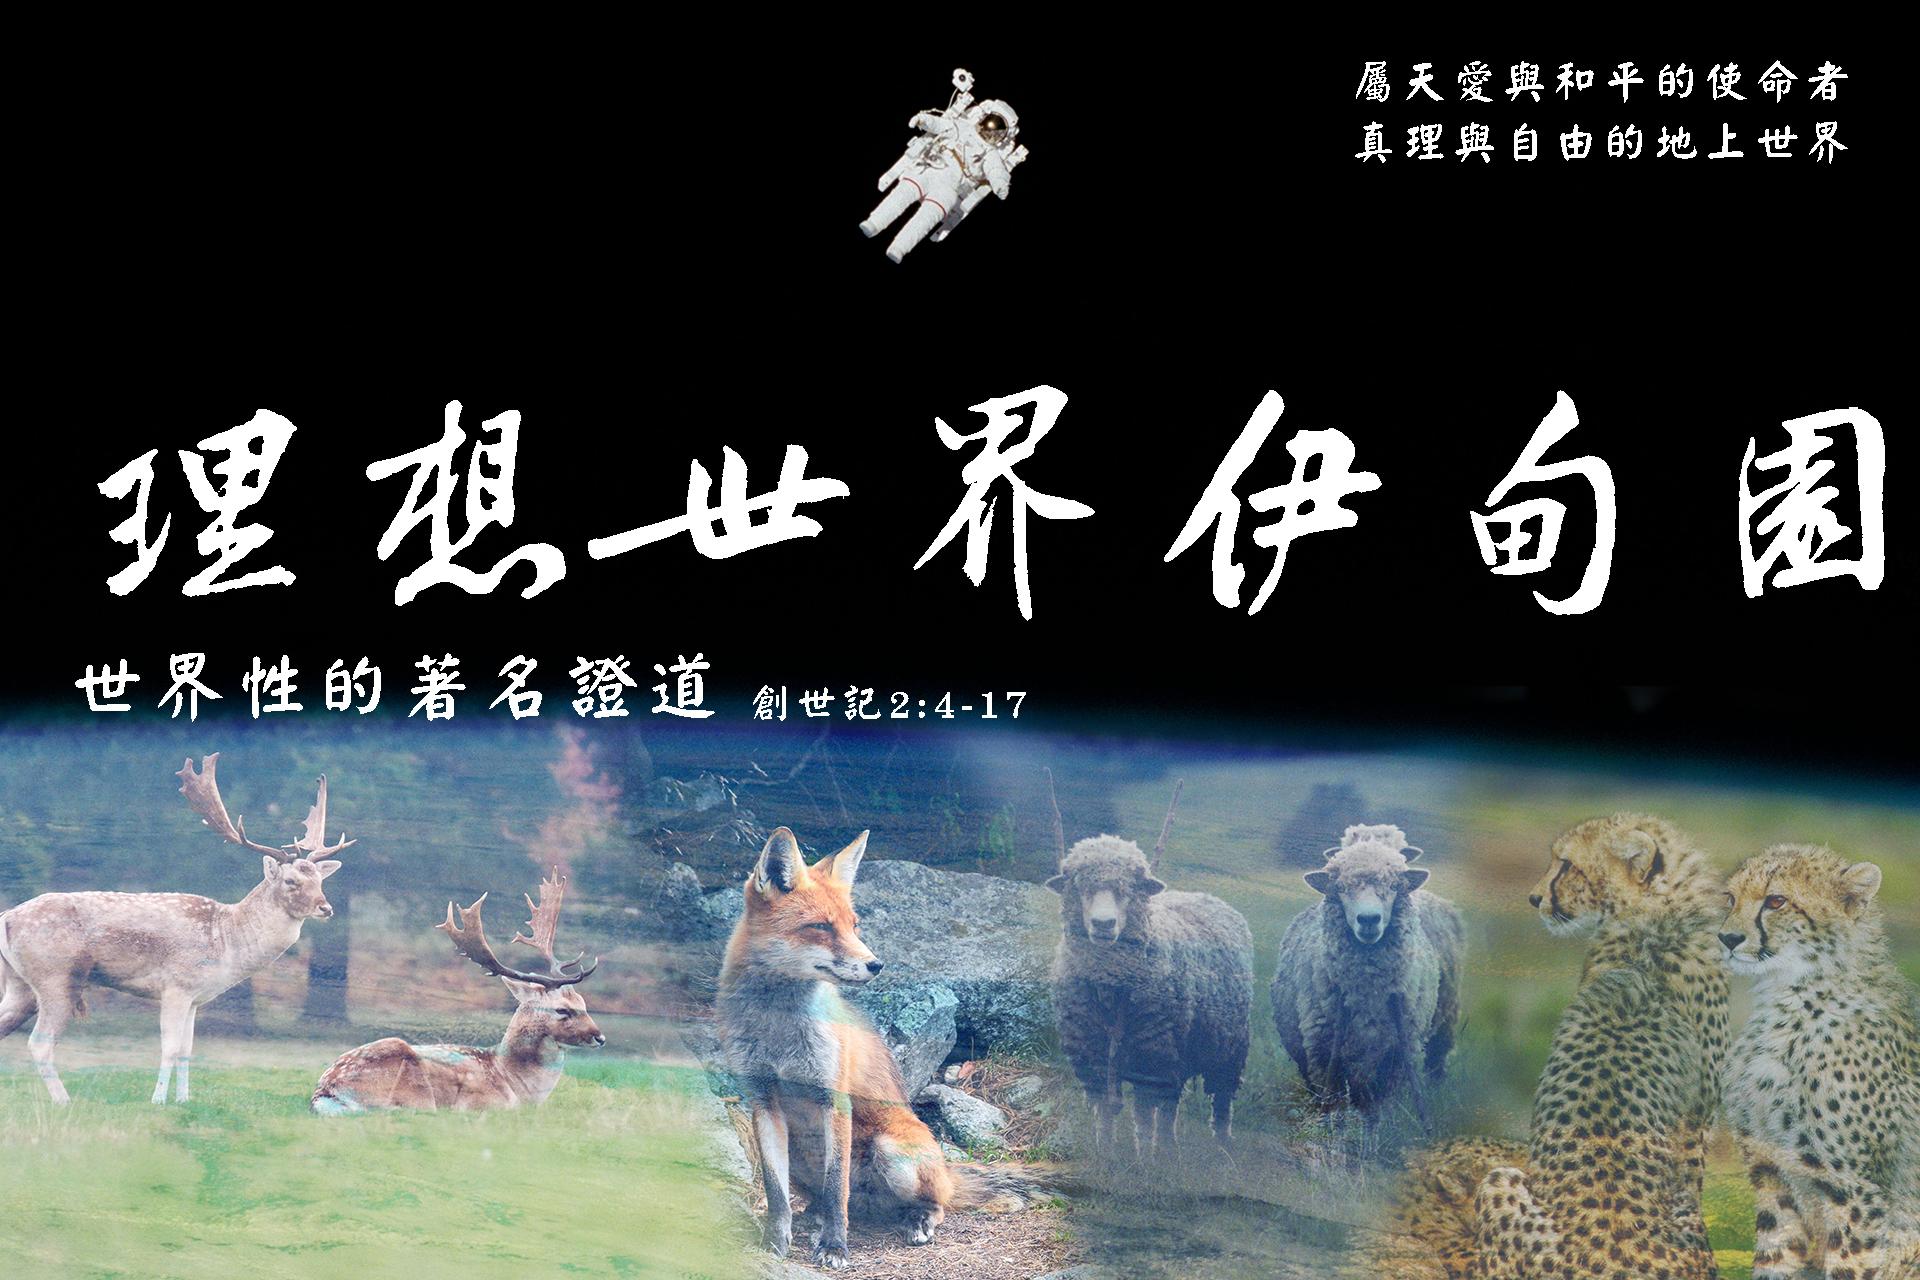 2017-08-02世界性的著名證道~理想世界伊甸園